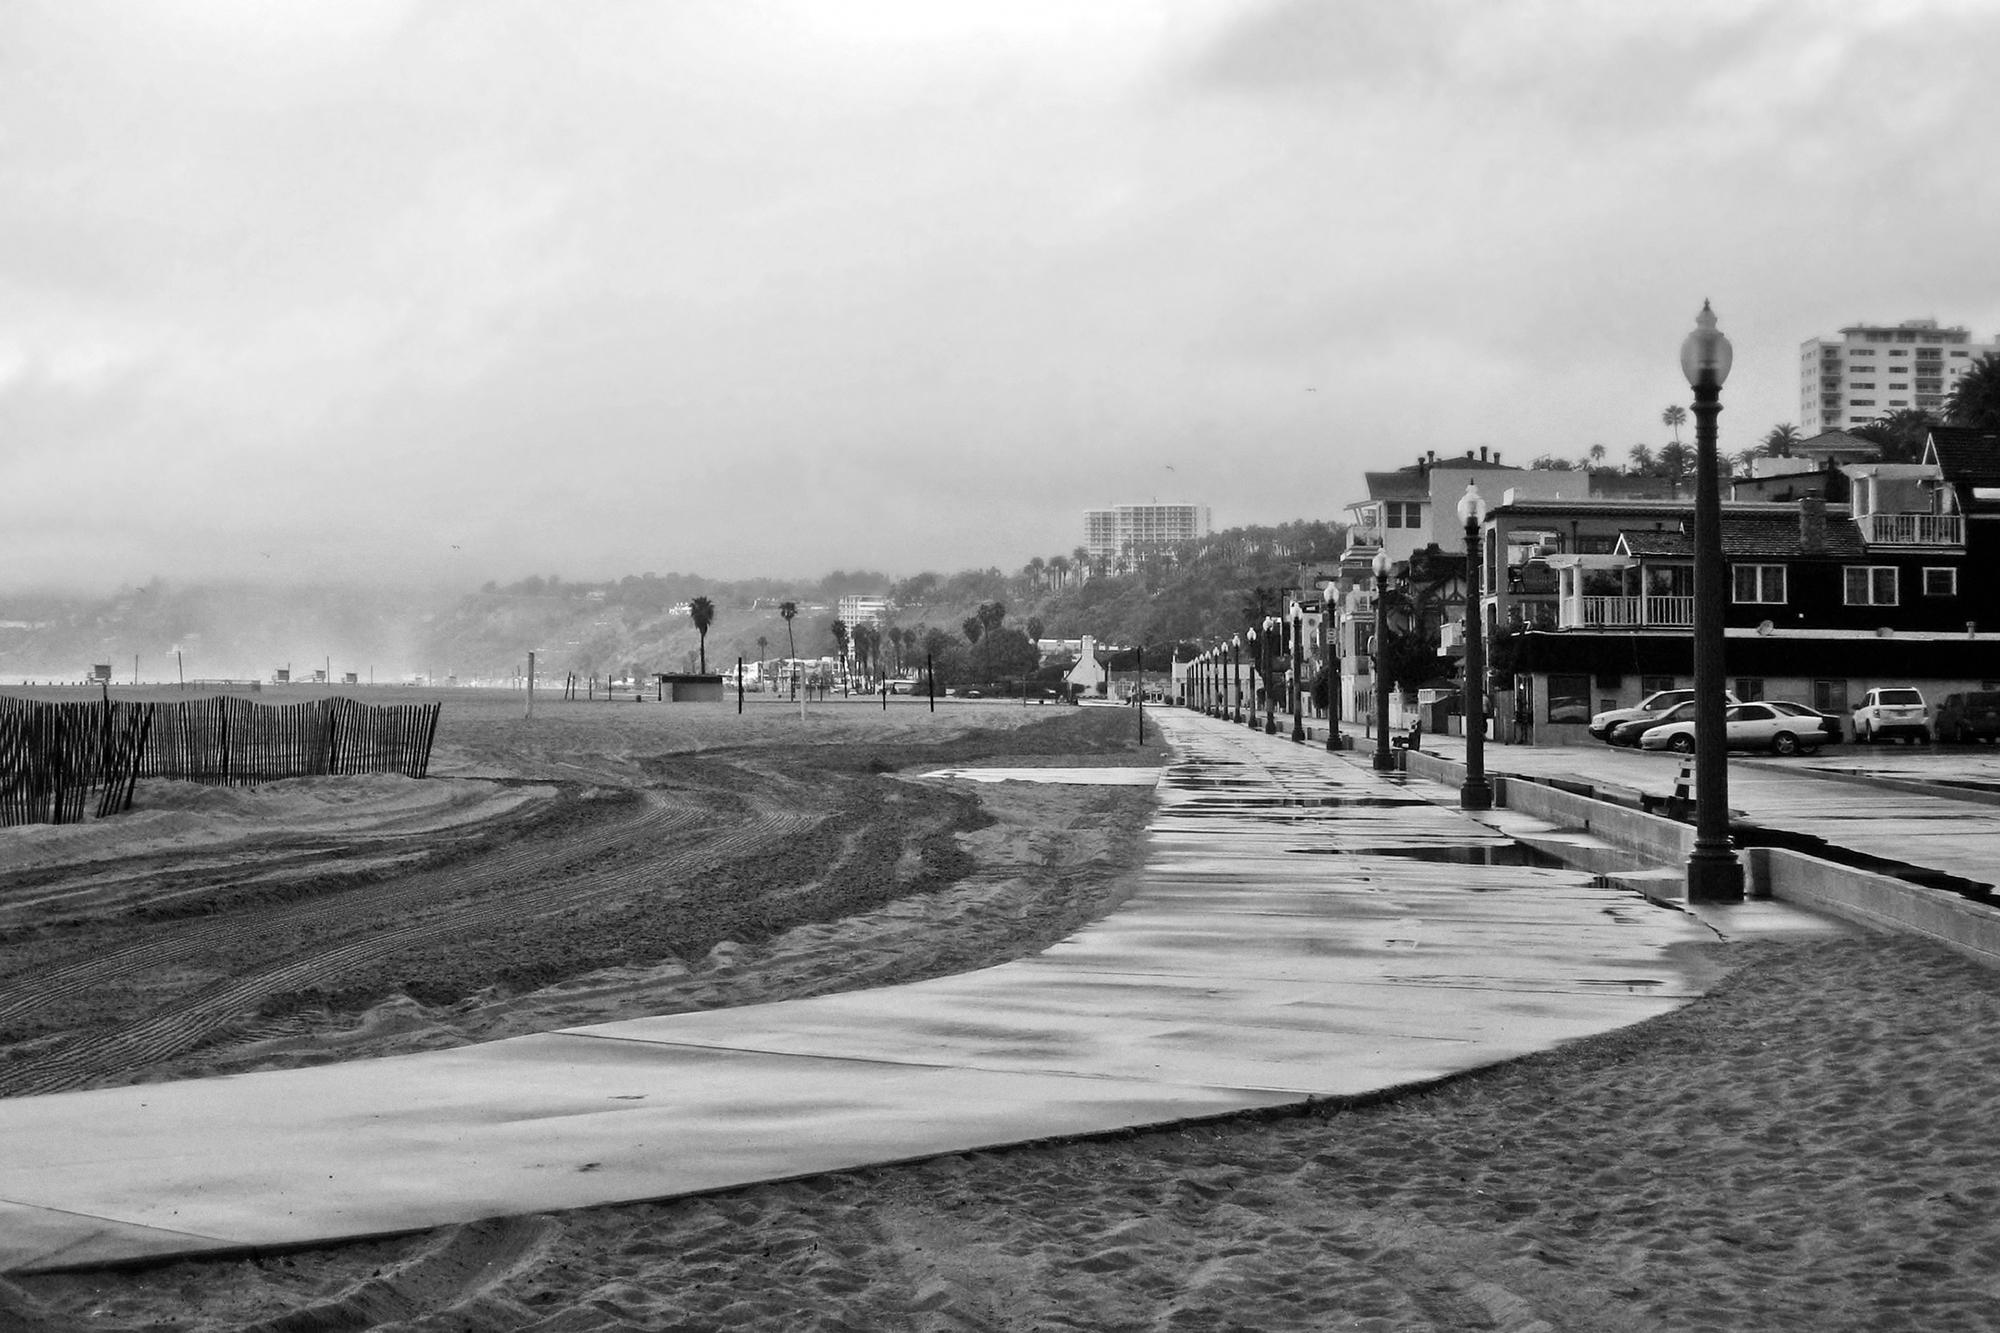 Santa Monica Path by Rich J. Velasco